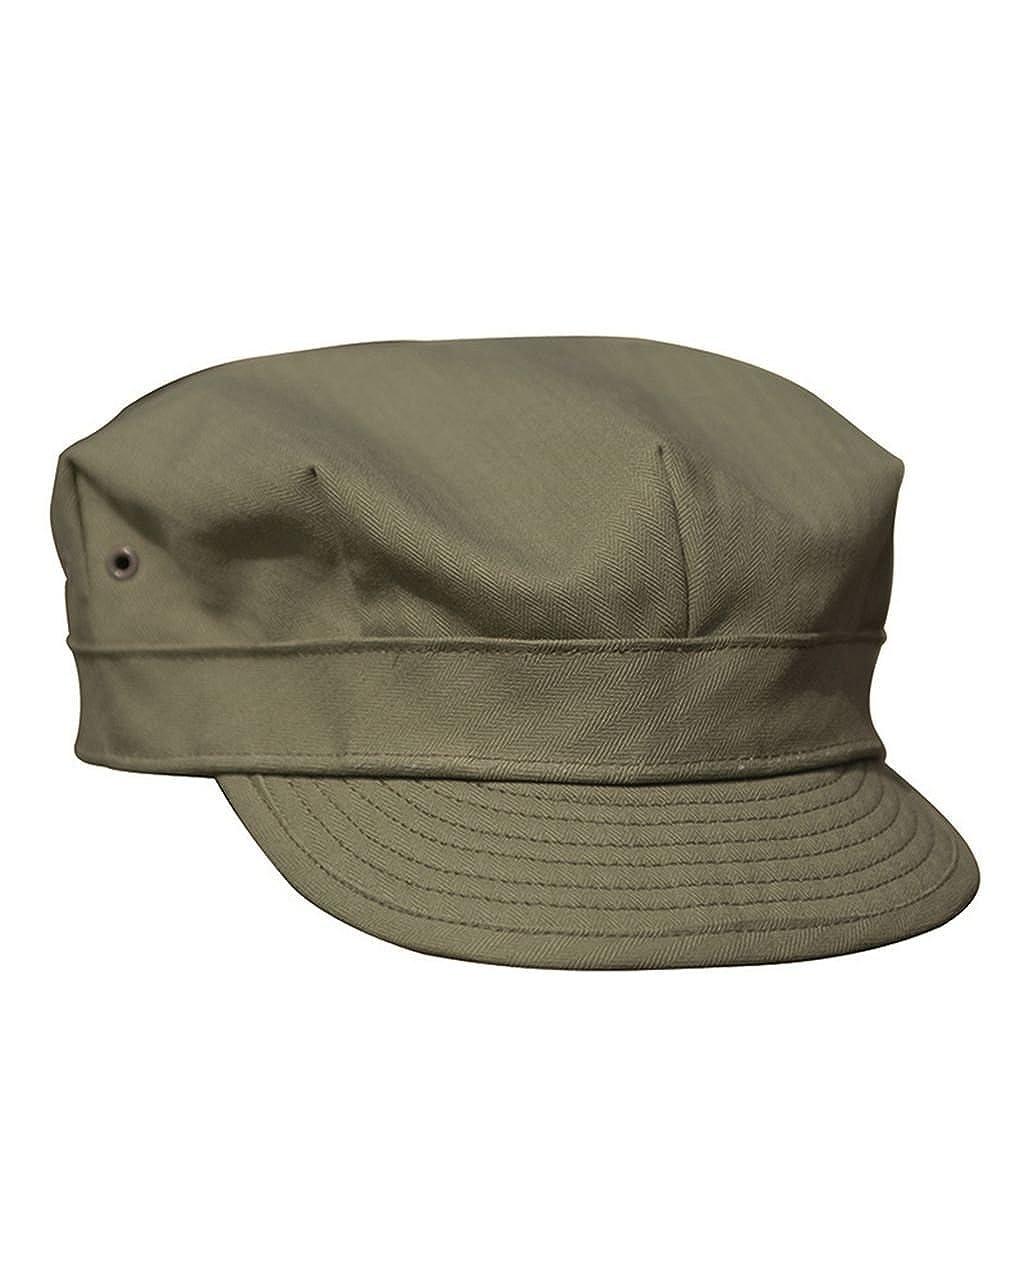 Reproduction Mil-Tec US HBT Bonnet Olive